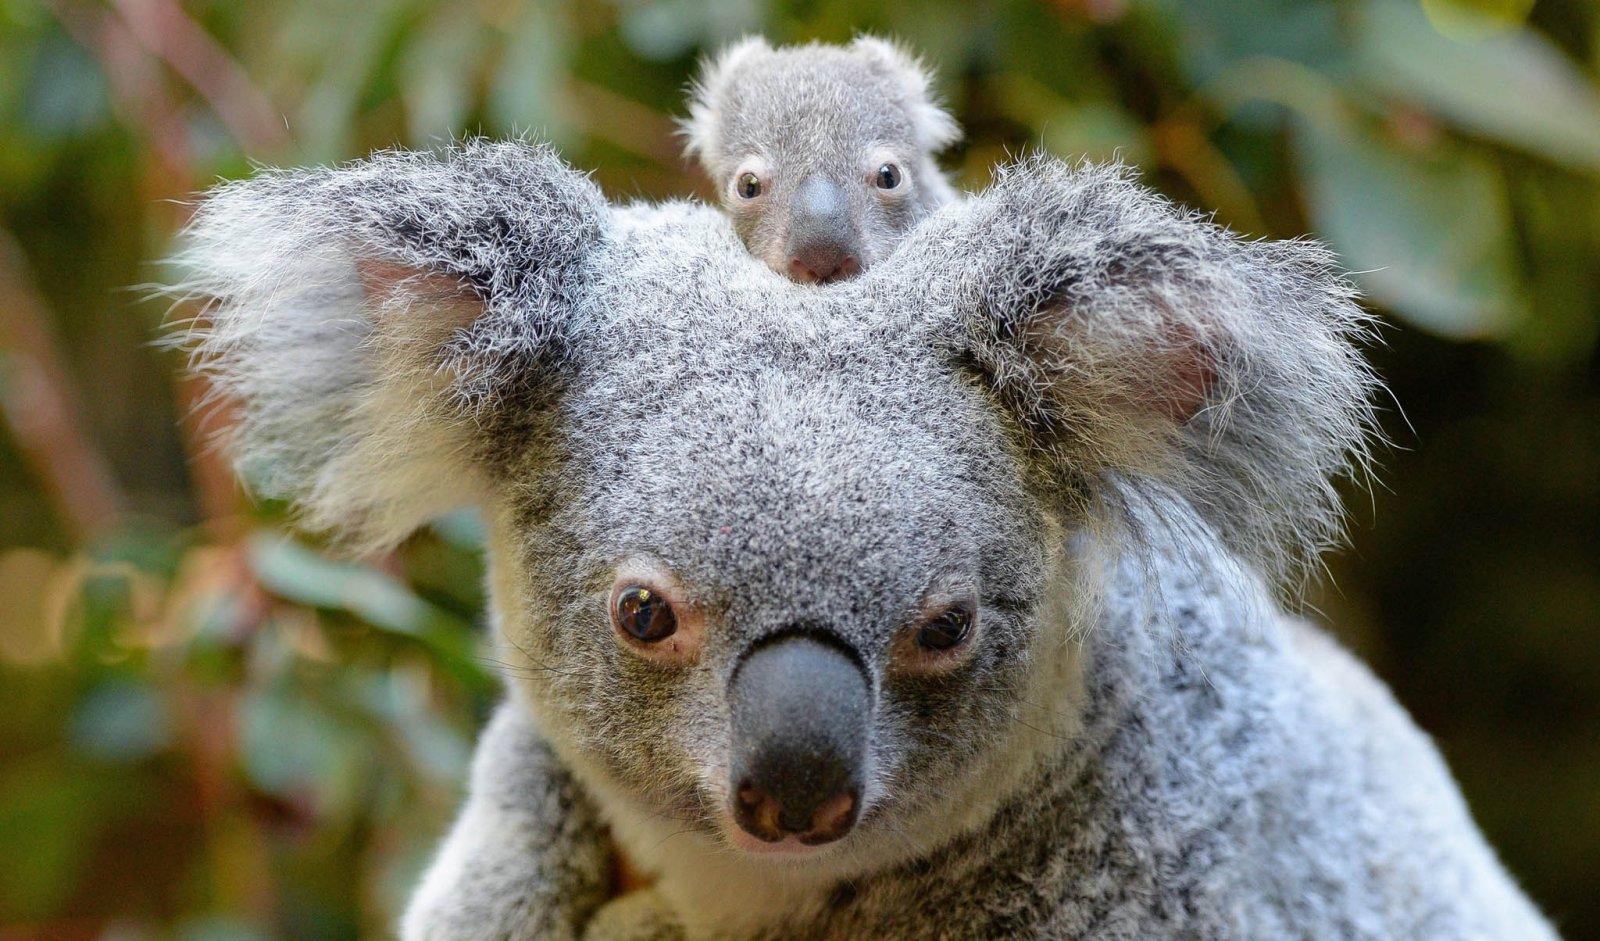 koalas-australia, Babushki letyat v Avstraliyu, rospersonal, otzyvy, Evgeny Matveevich Mikhaylov, Immigration Agent Australia 33f.jpg